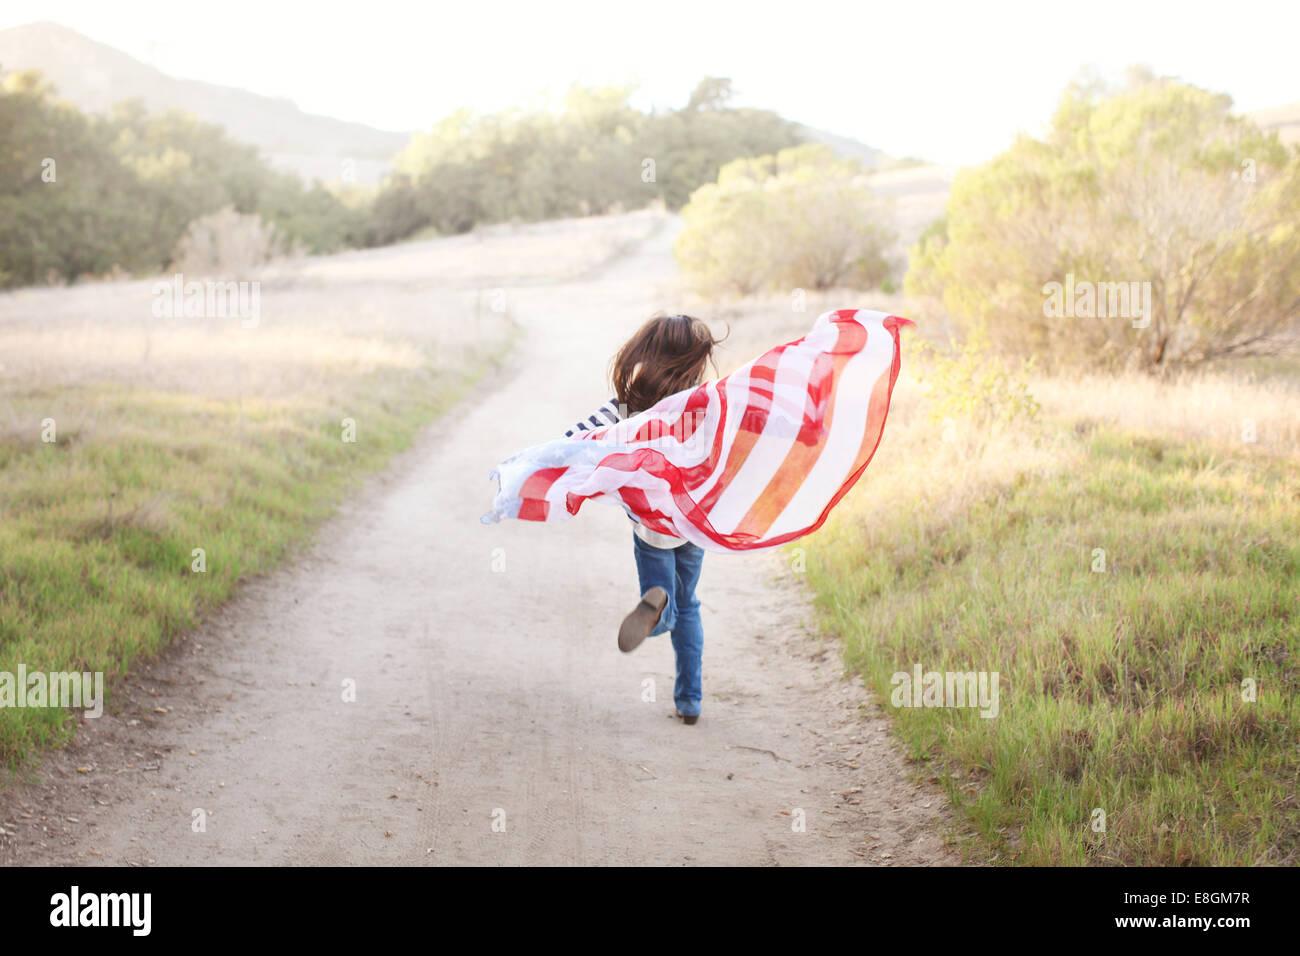 Vista posteriore della ragazza che corre sul sentiero con bandiera americana Immagini Stock